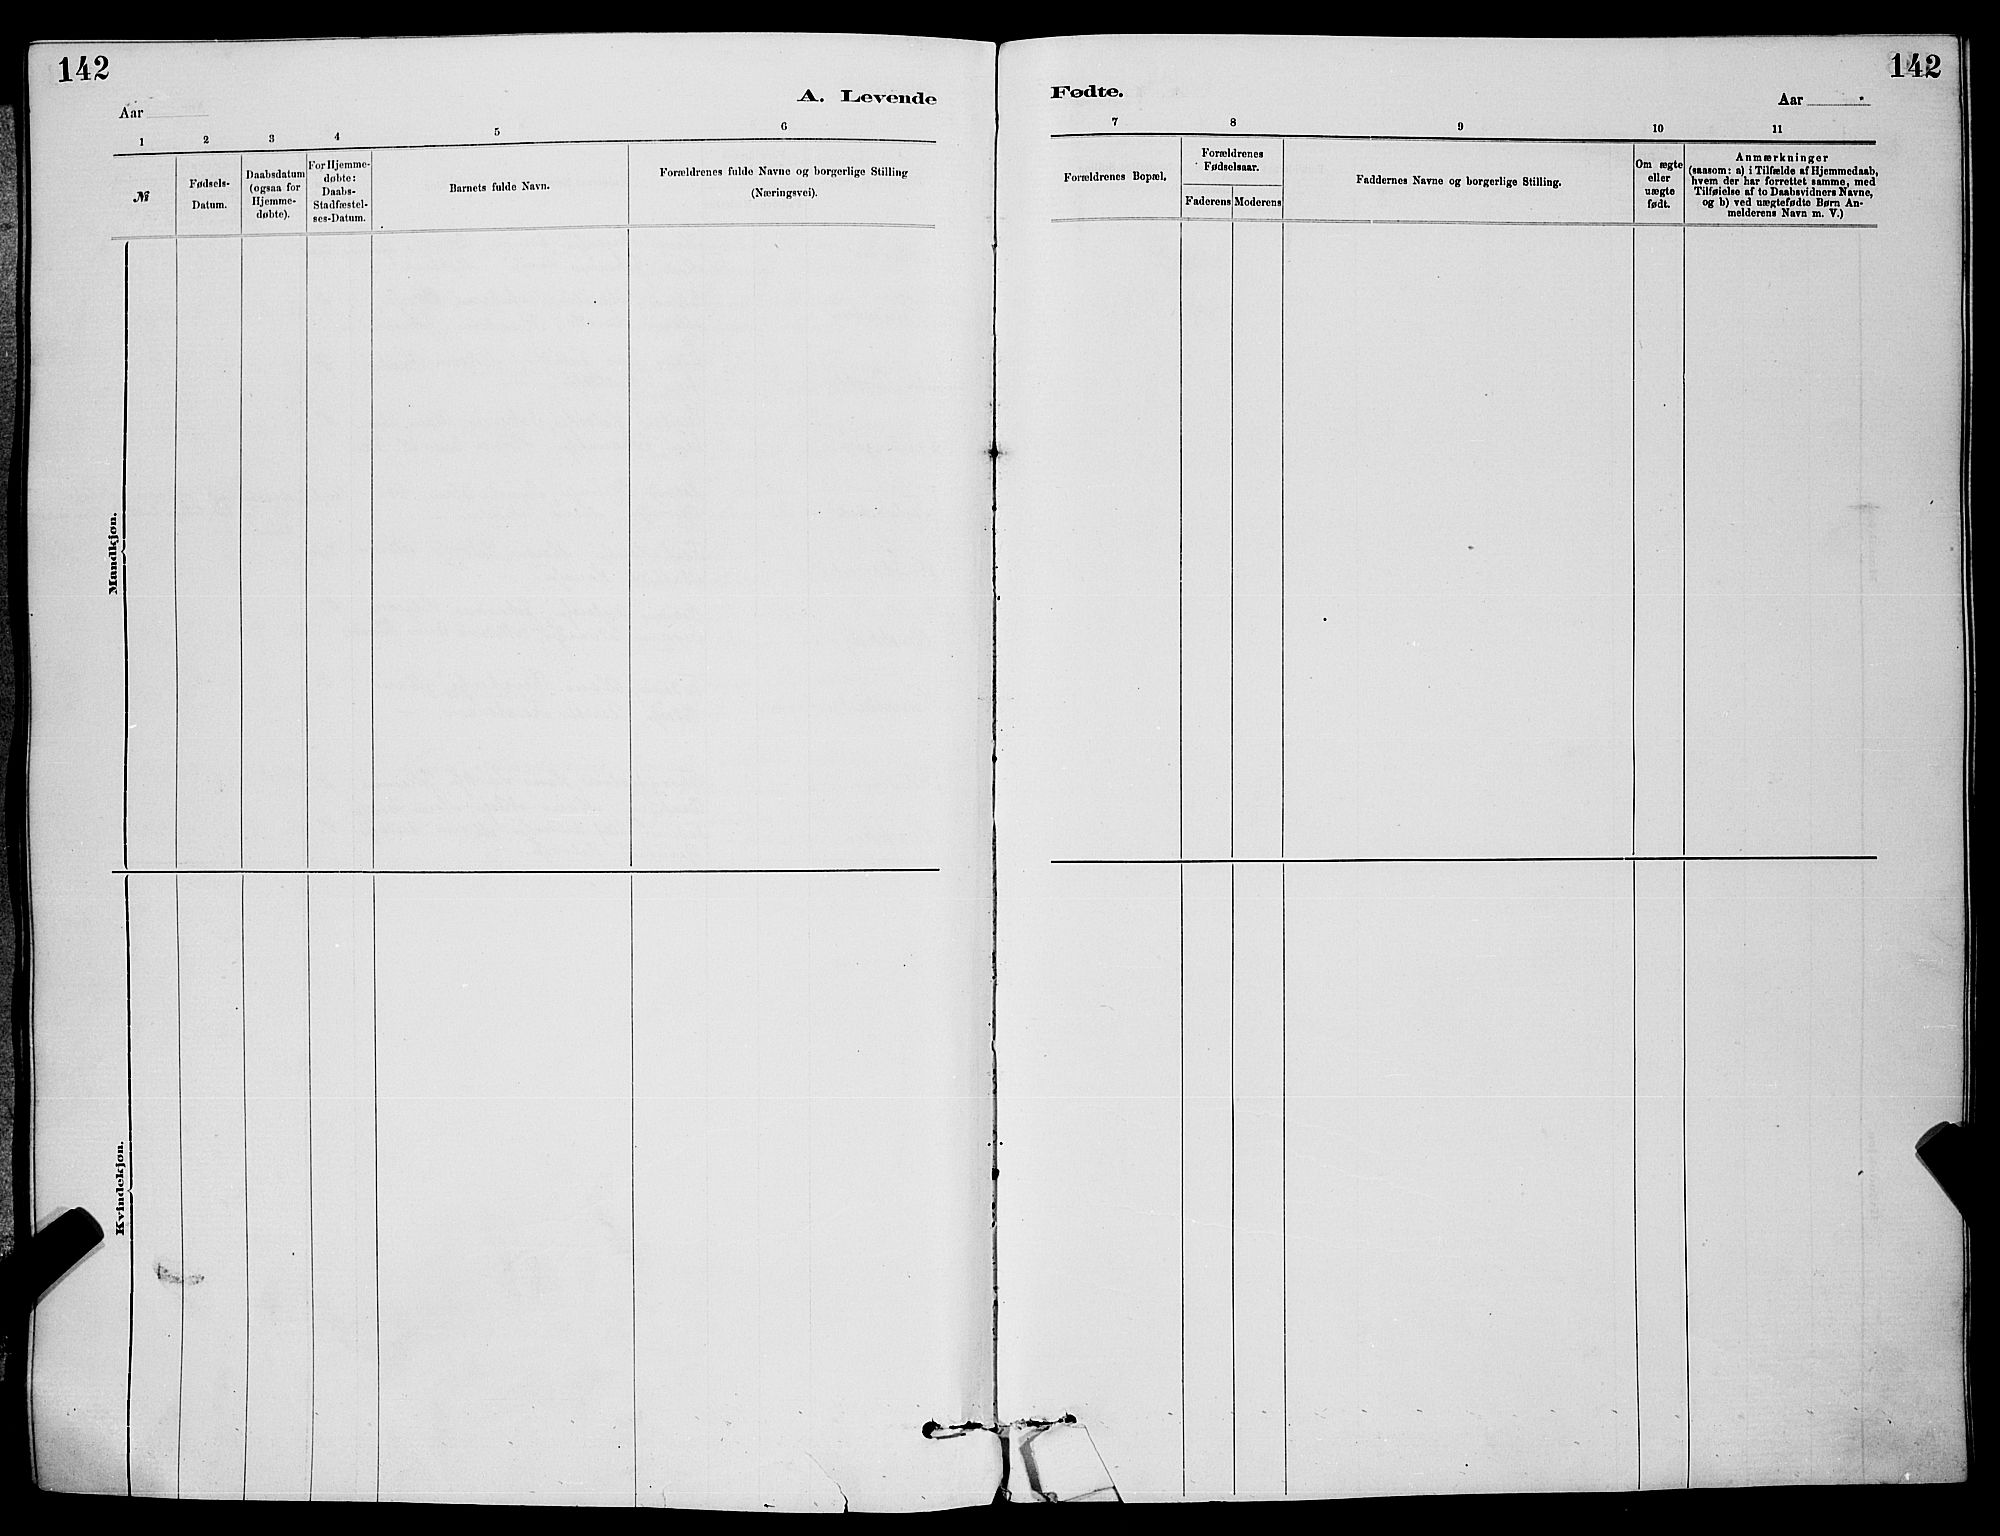 SAKO, Skien kirkebøker, G/Ga/L0006: Klokkerbok nr. 6, 1881-1890, s. 142